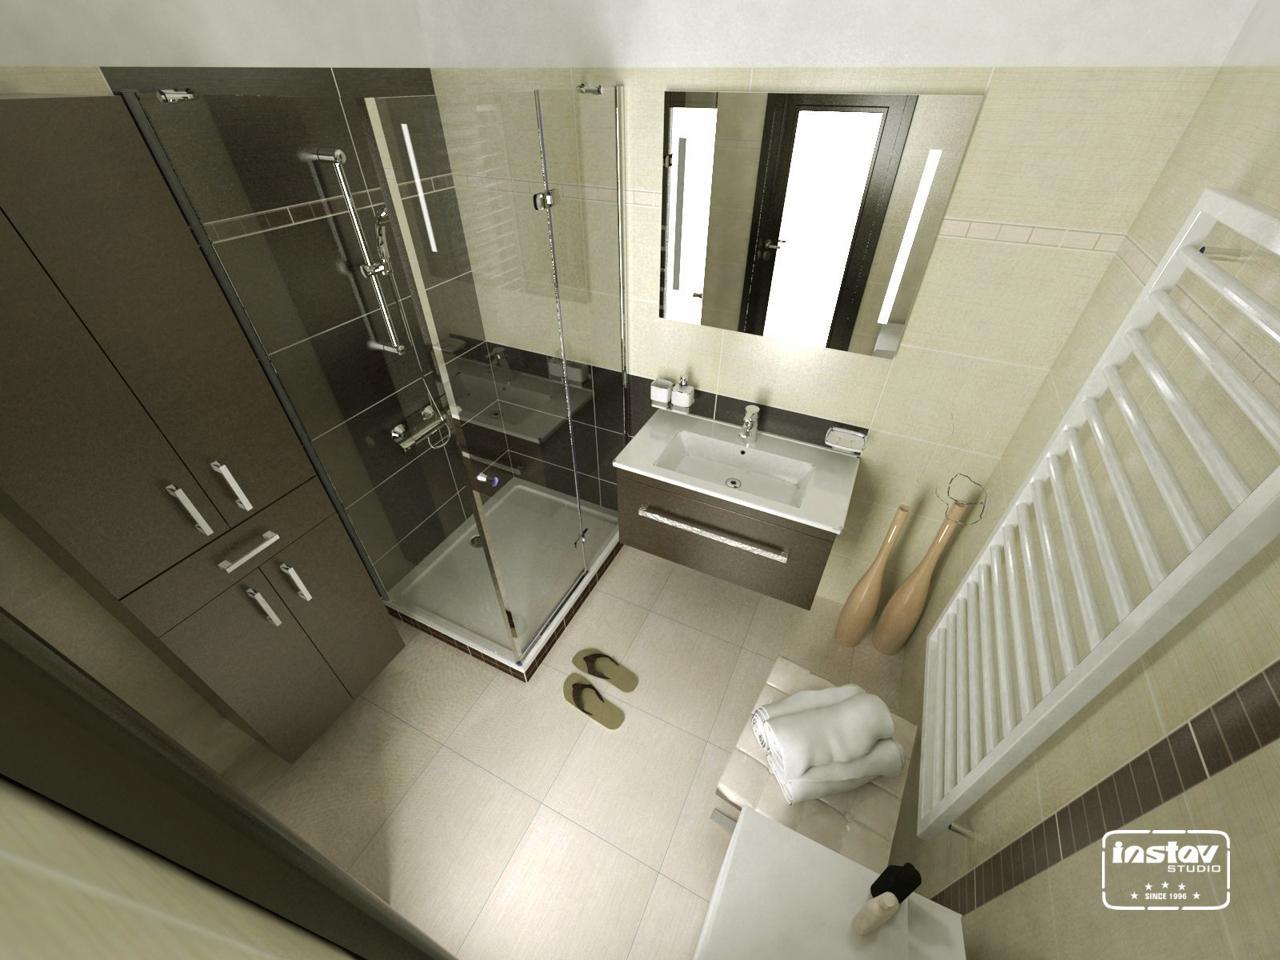 Vizualizácie kúpeľní - Vizualizácia kúpeľne - Calle